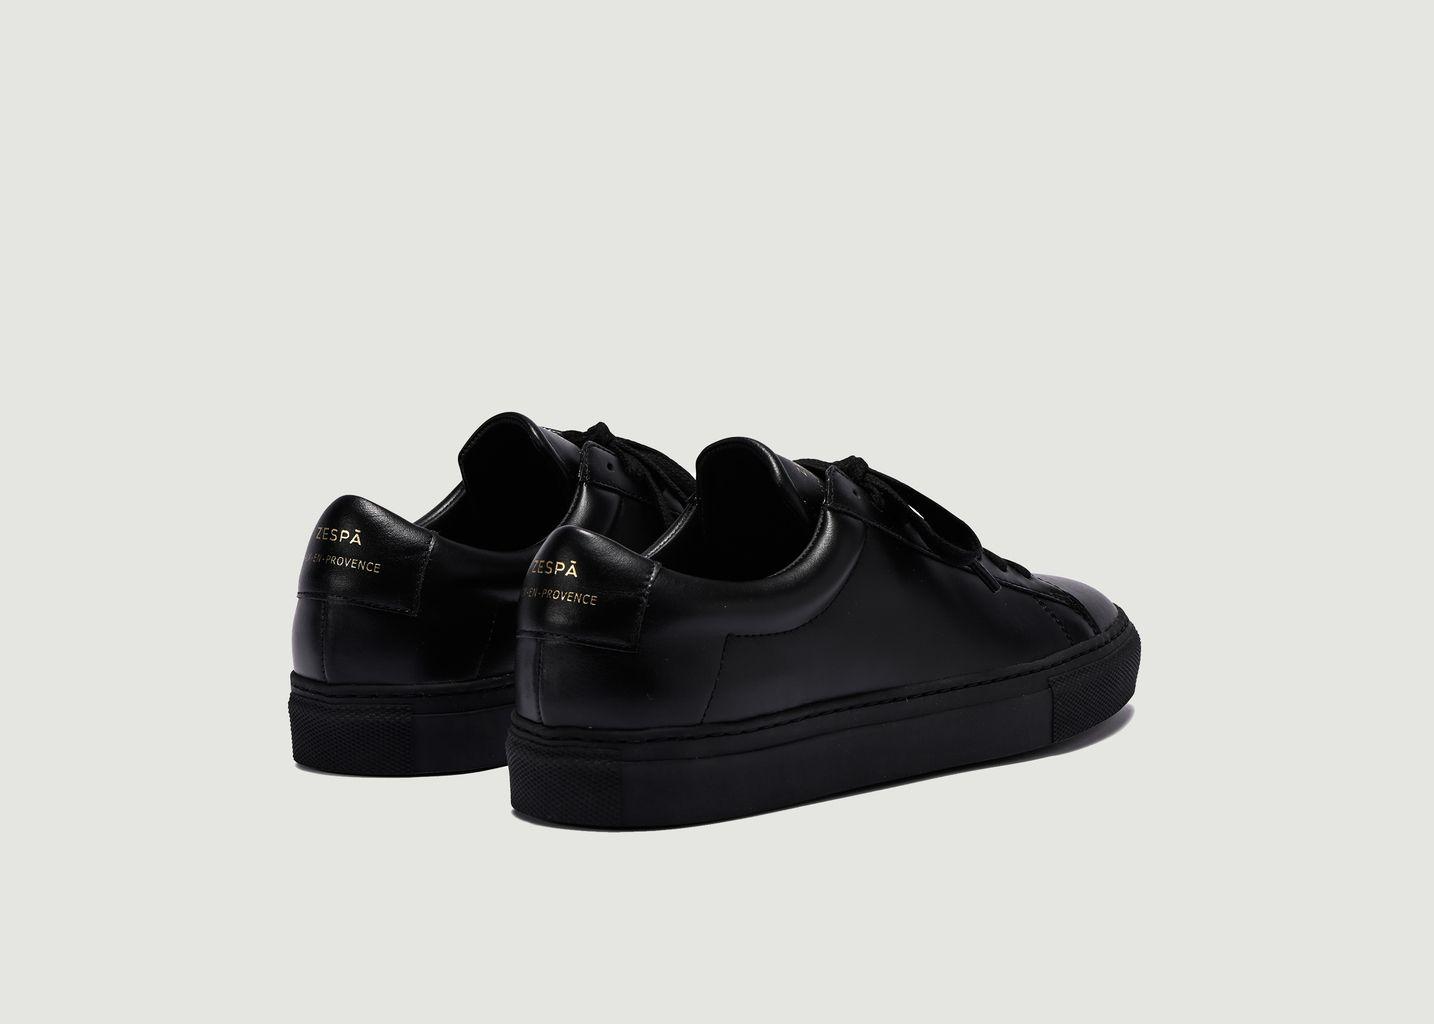 Sneakers en cuir nappa ZSP4 HGH Monochrome - Zespa